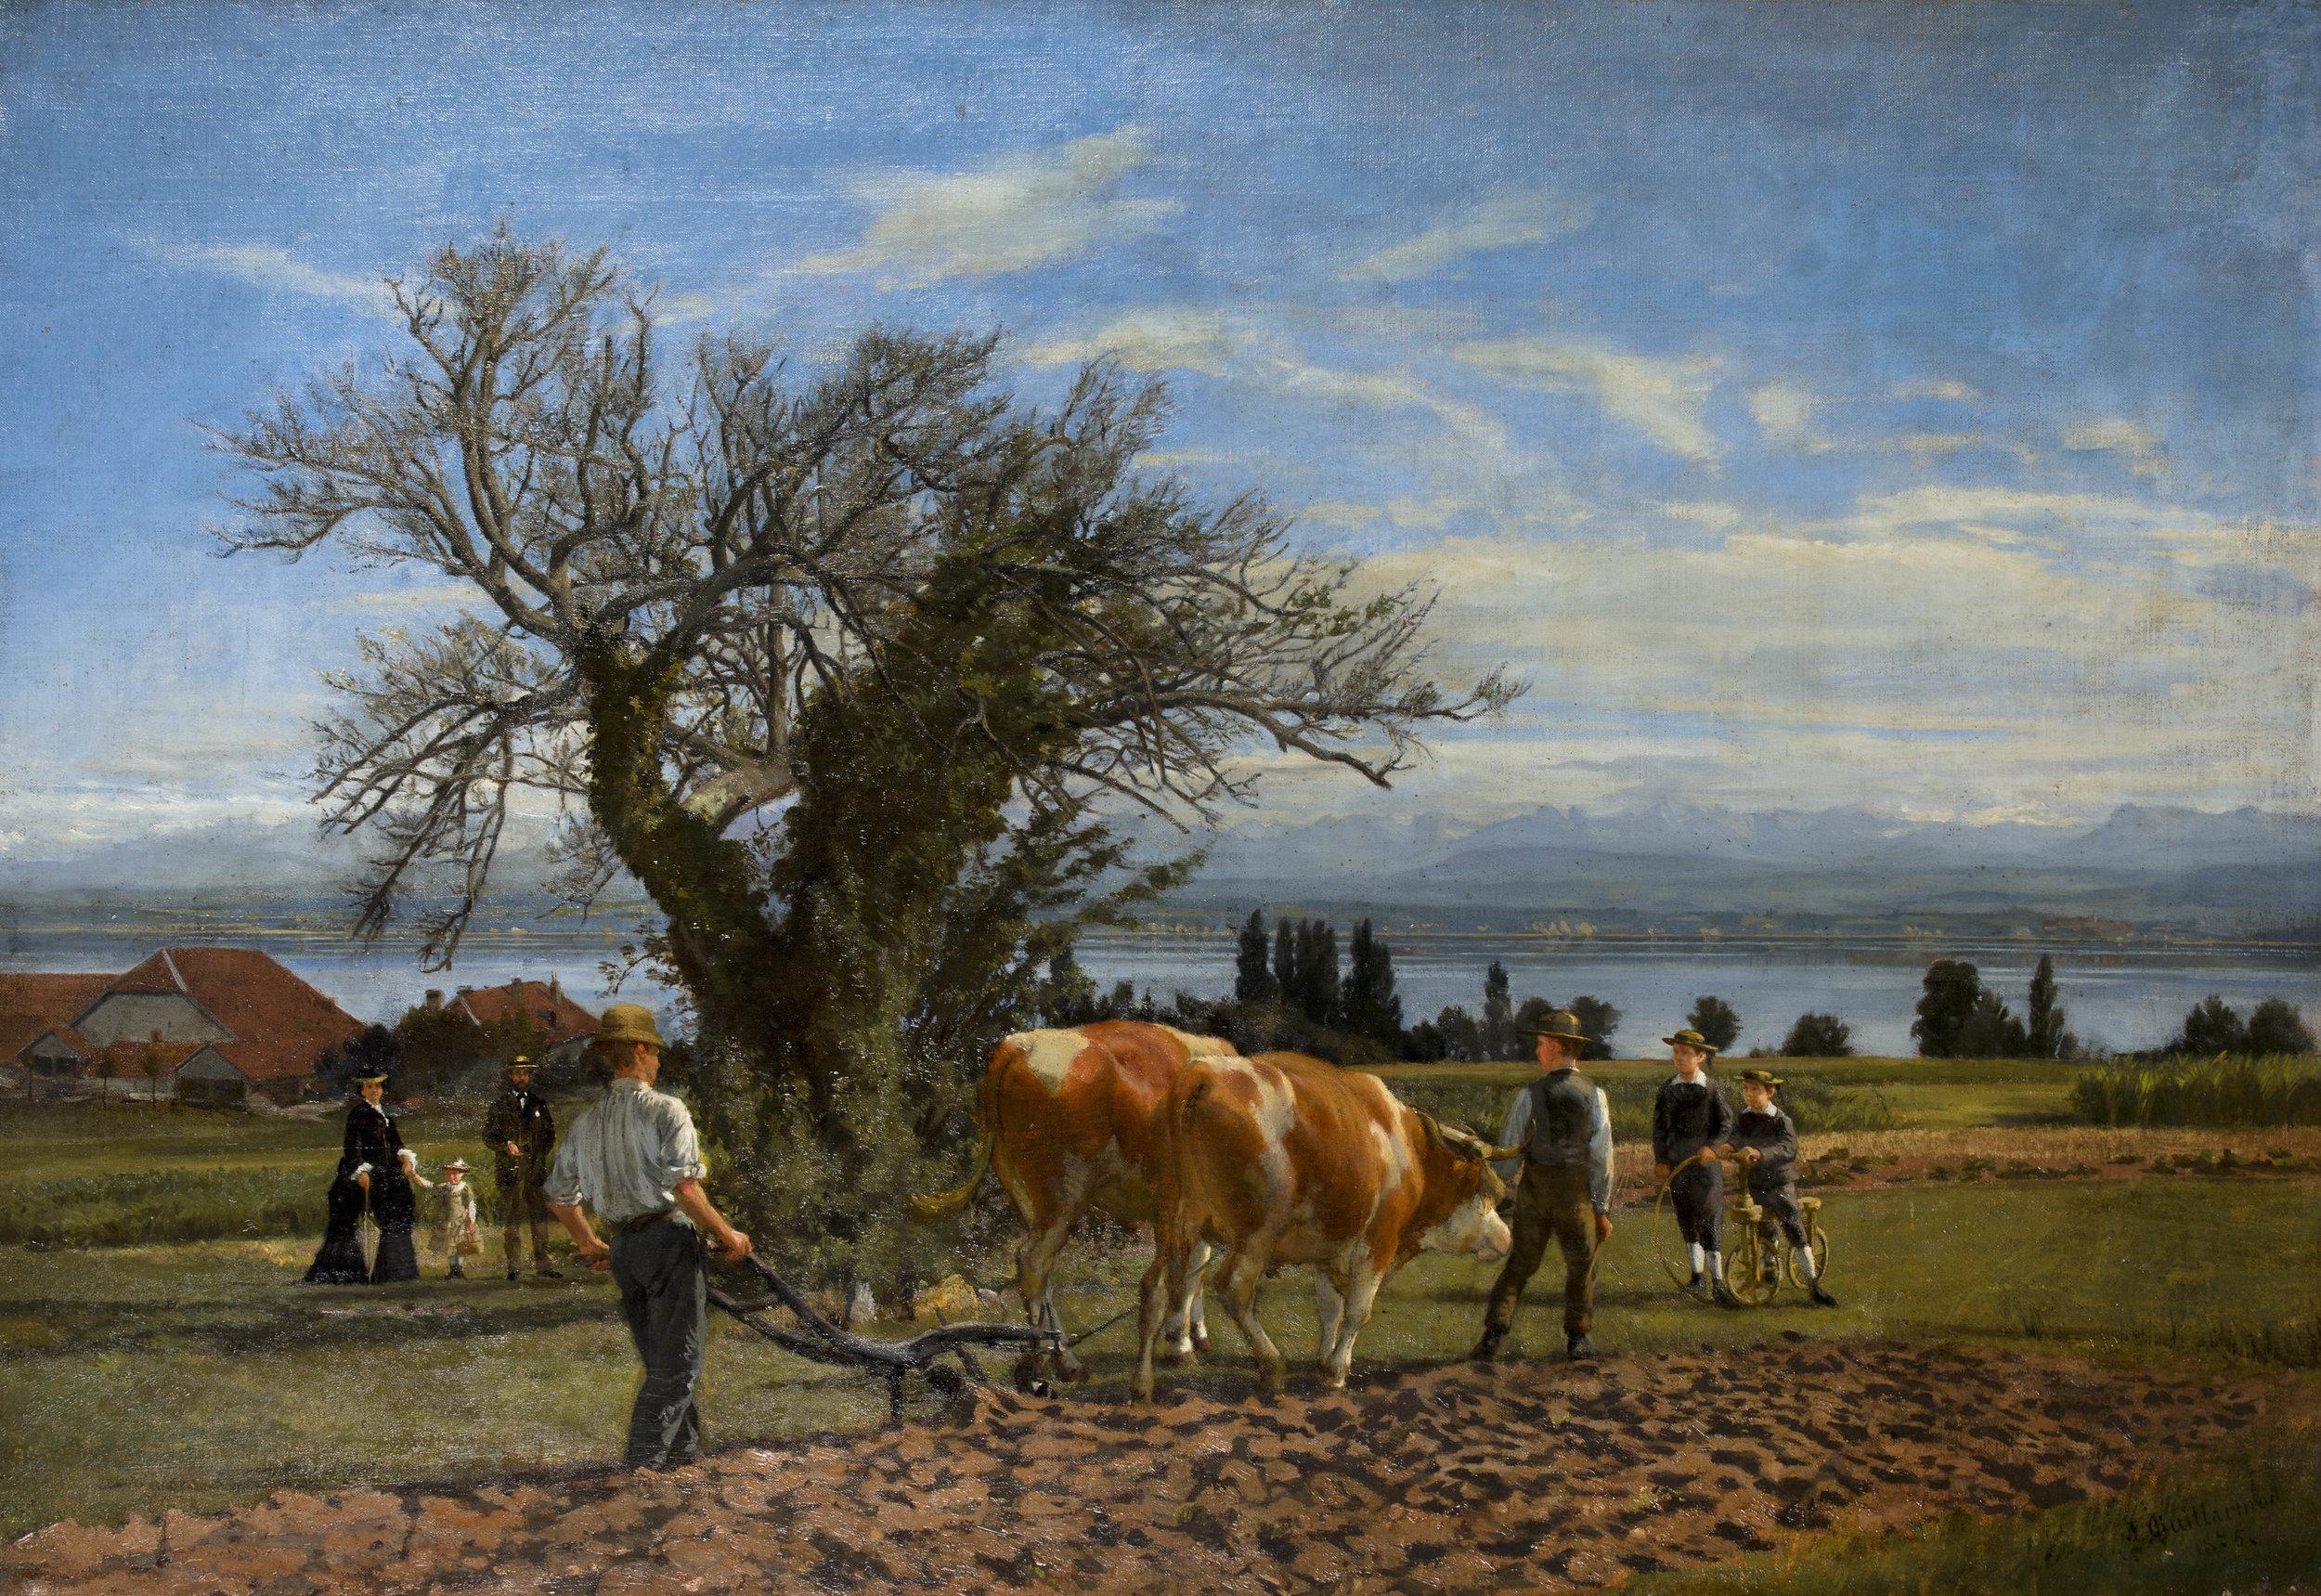 Le Bataillard  de Jules Jacot Guillarmod, après 1875, huile sur toile, 74 x 109 cm